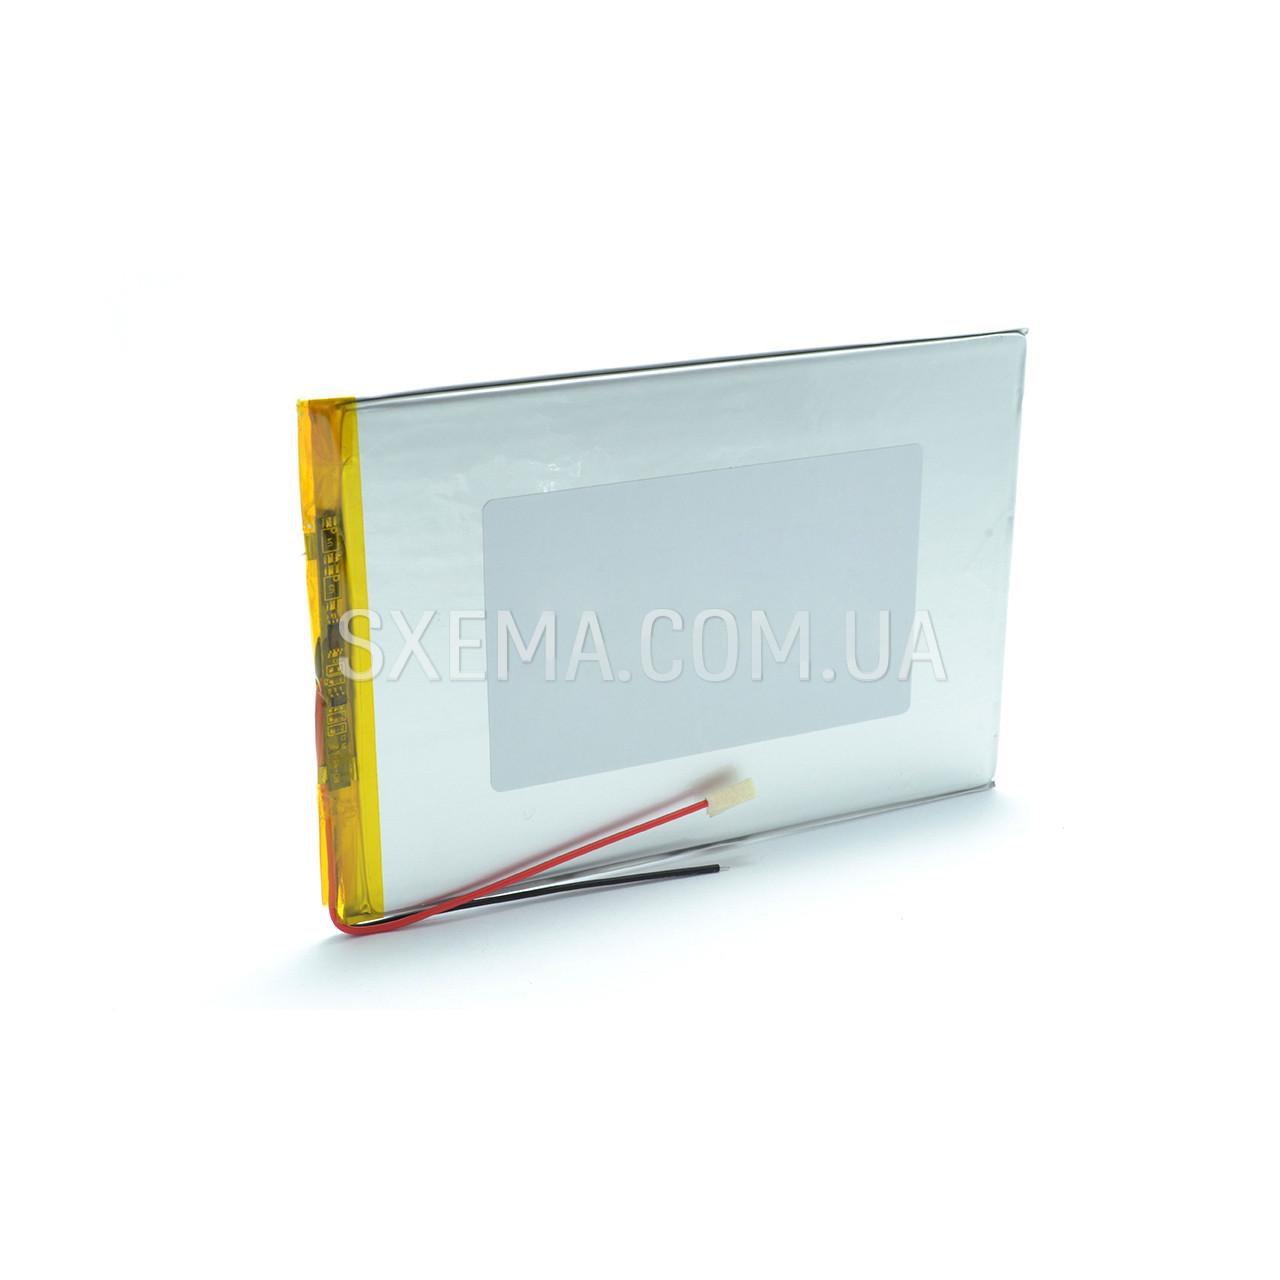 Аккумулятор универсальный 3090120   (Li-ion 3.7В 6000мА·ч), (120*90*3 мм)